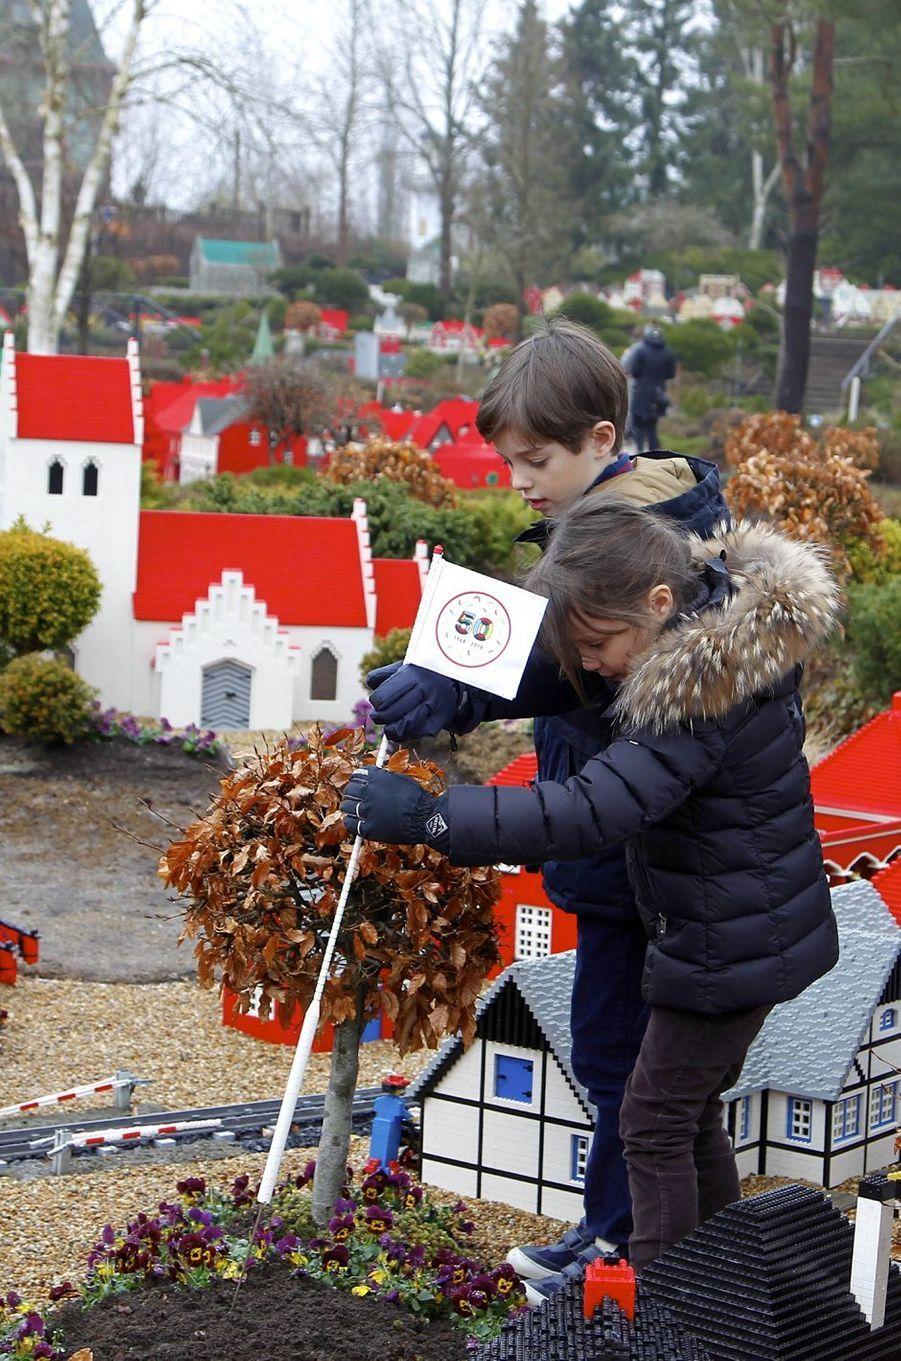 Le prince Henrik et la princesse Athena de Danemark au Legoland Billund, le 24 mars 2018